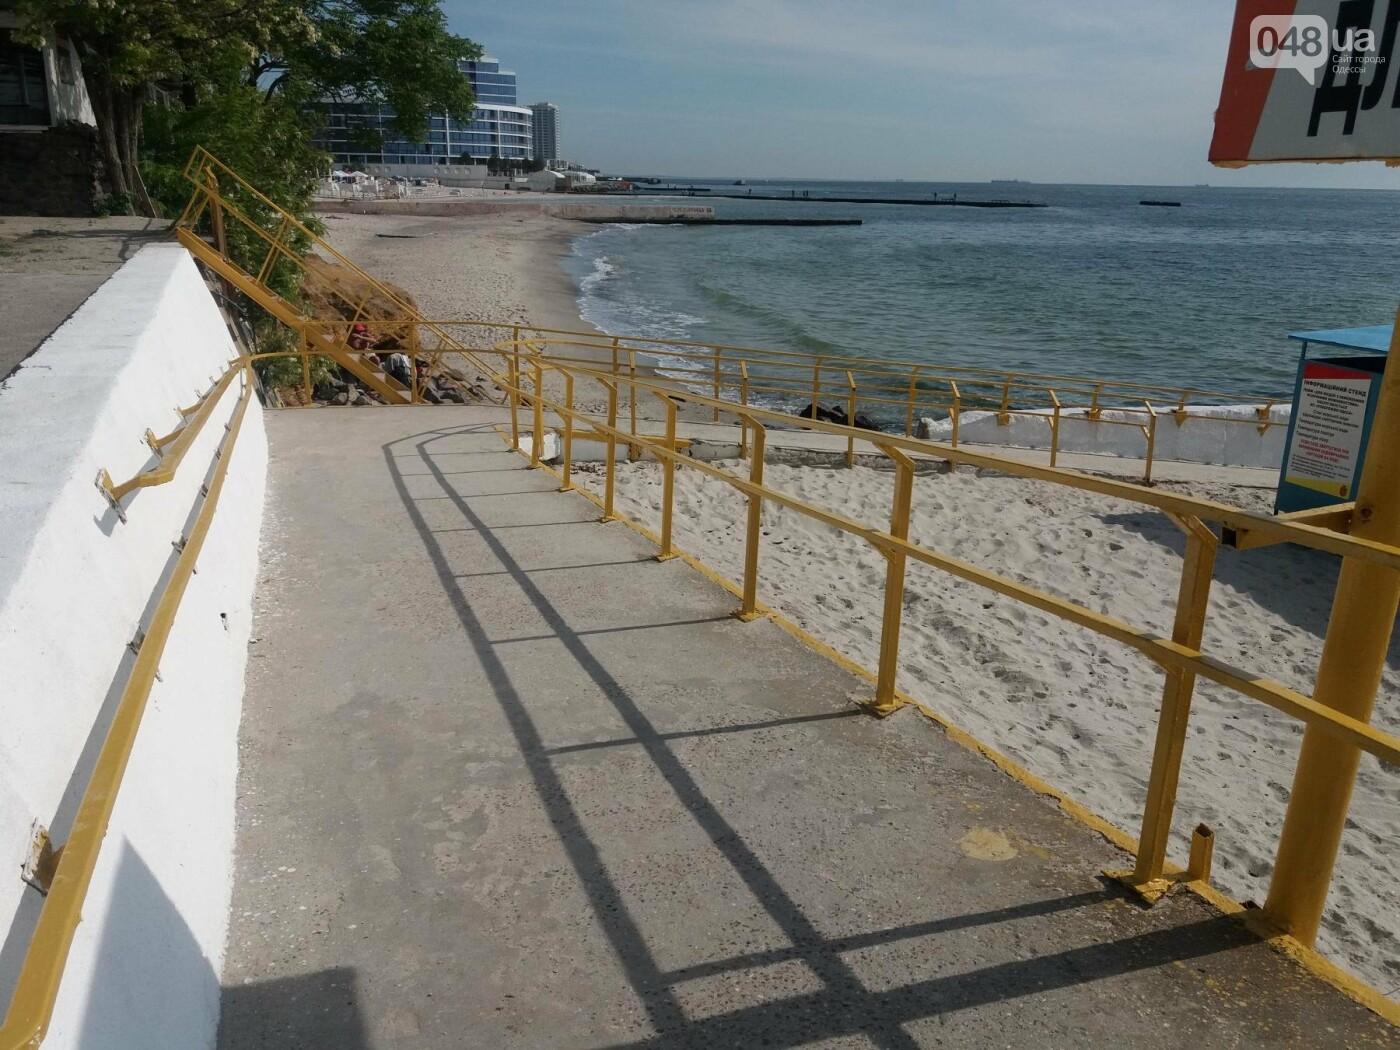 Потрясающий цинизм: как одесские чиновники благоустроили пляж для людей с инвалидностью, - ФОТО , фото-10